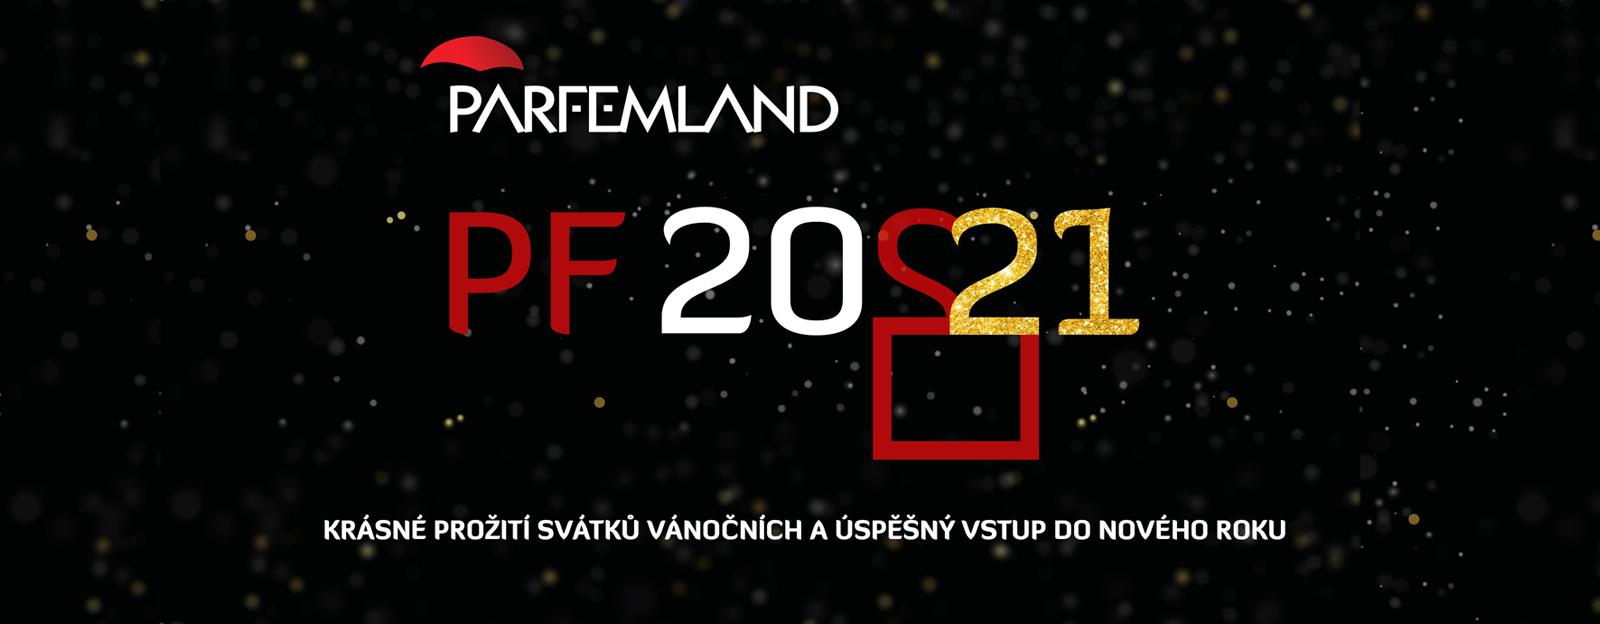 Rok 2020 s vůní PARFEMLAND